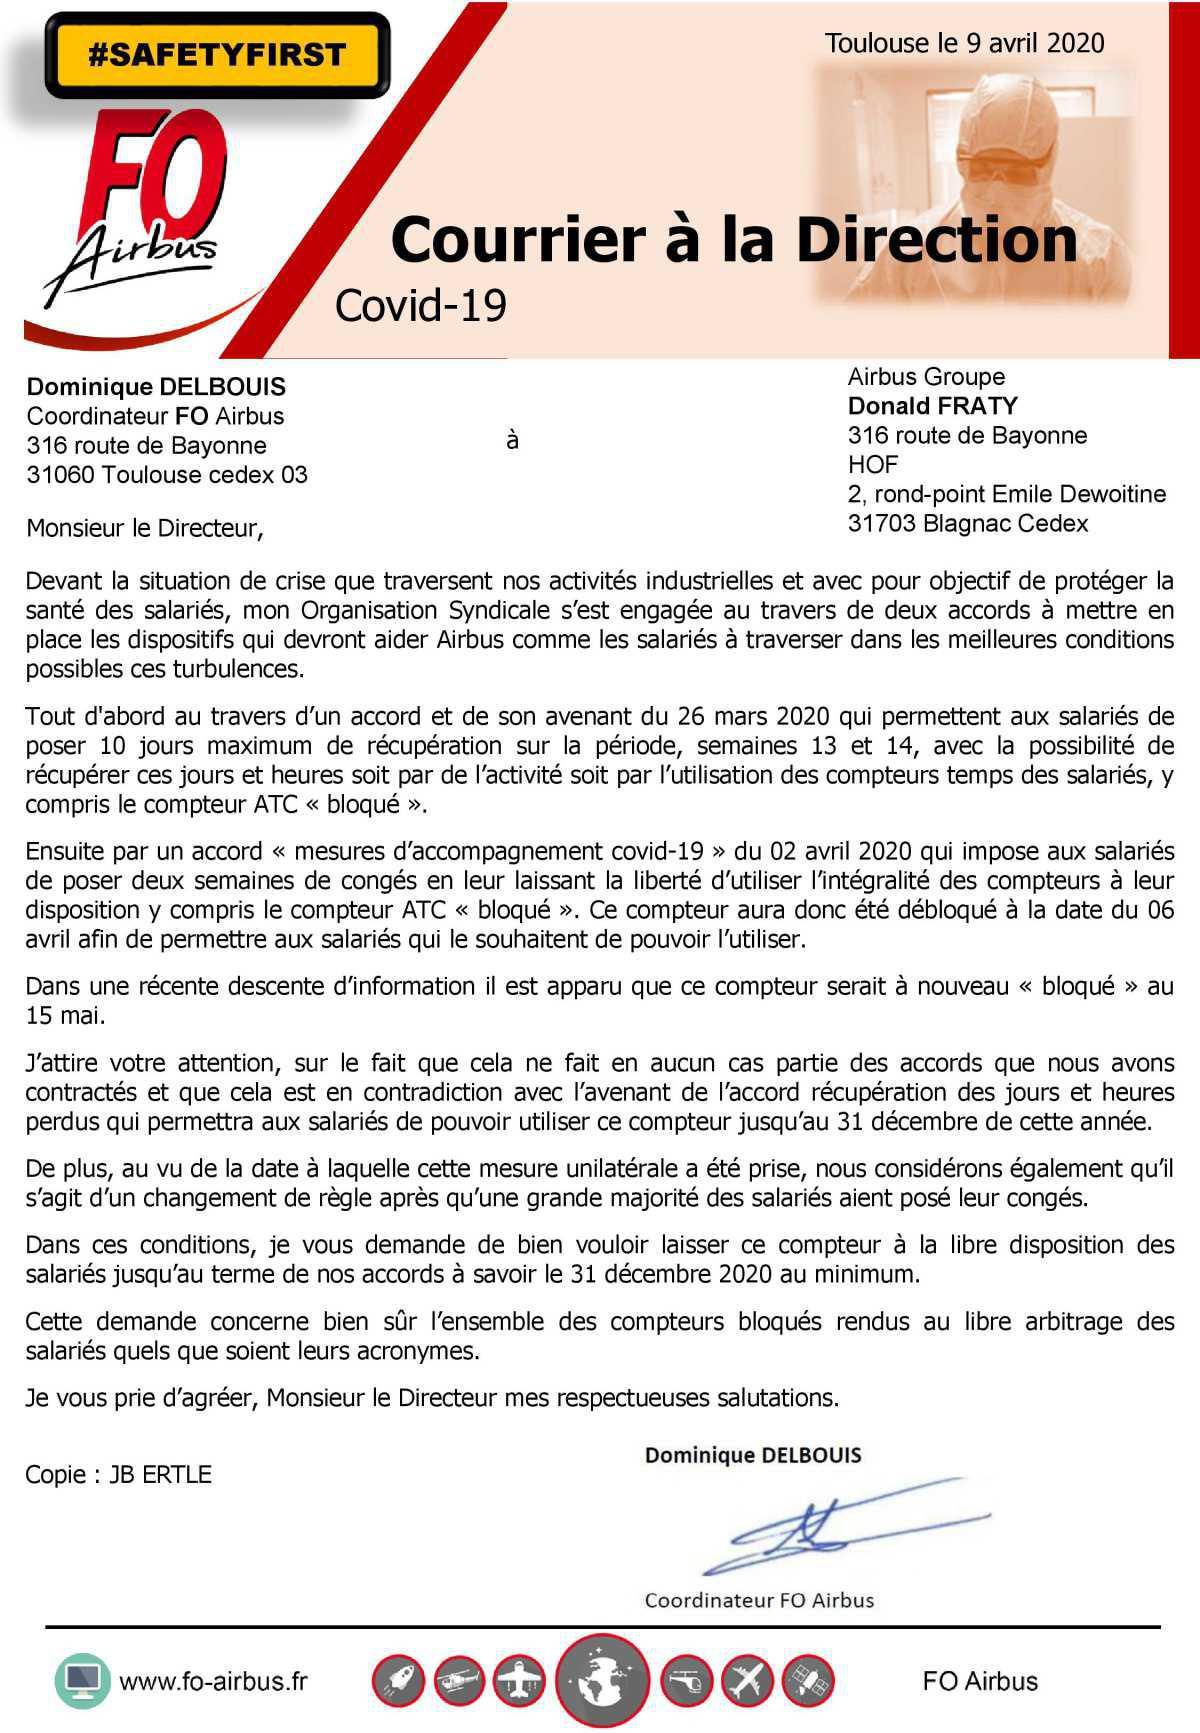 Courrier à la Direction - COVID 19